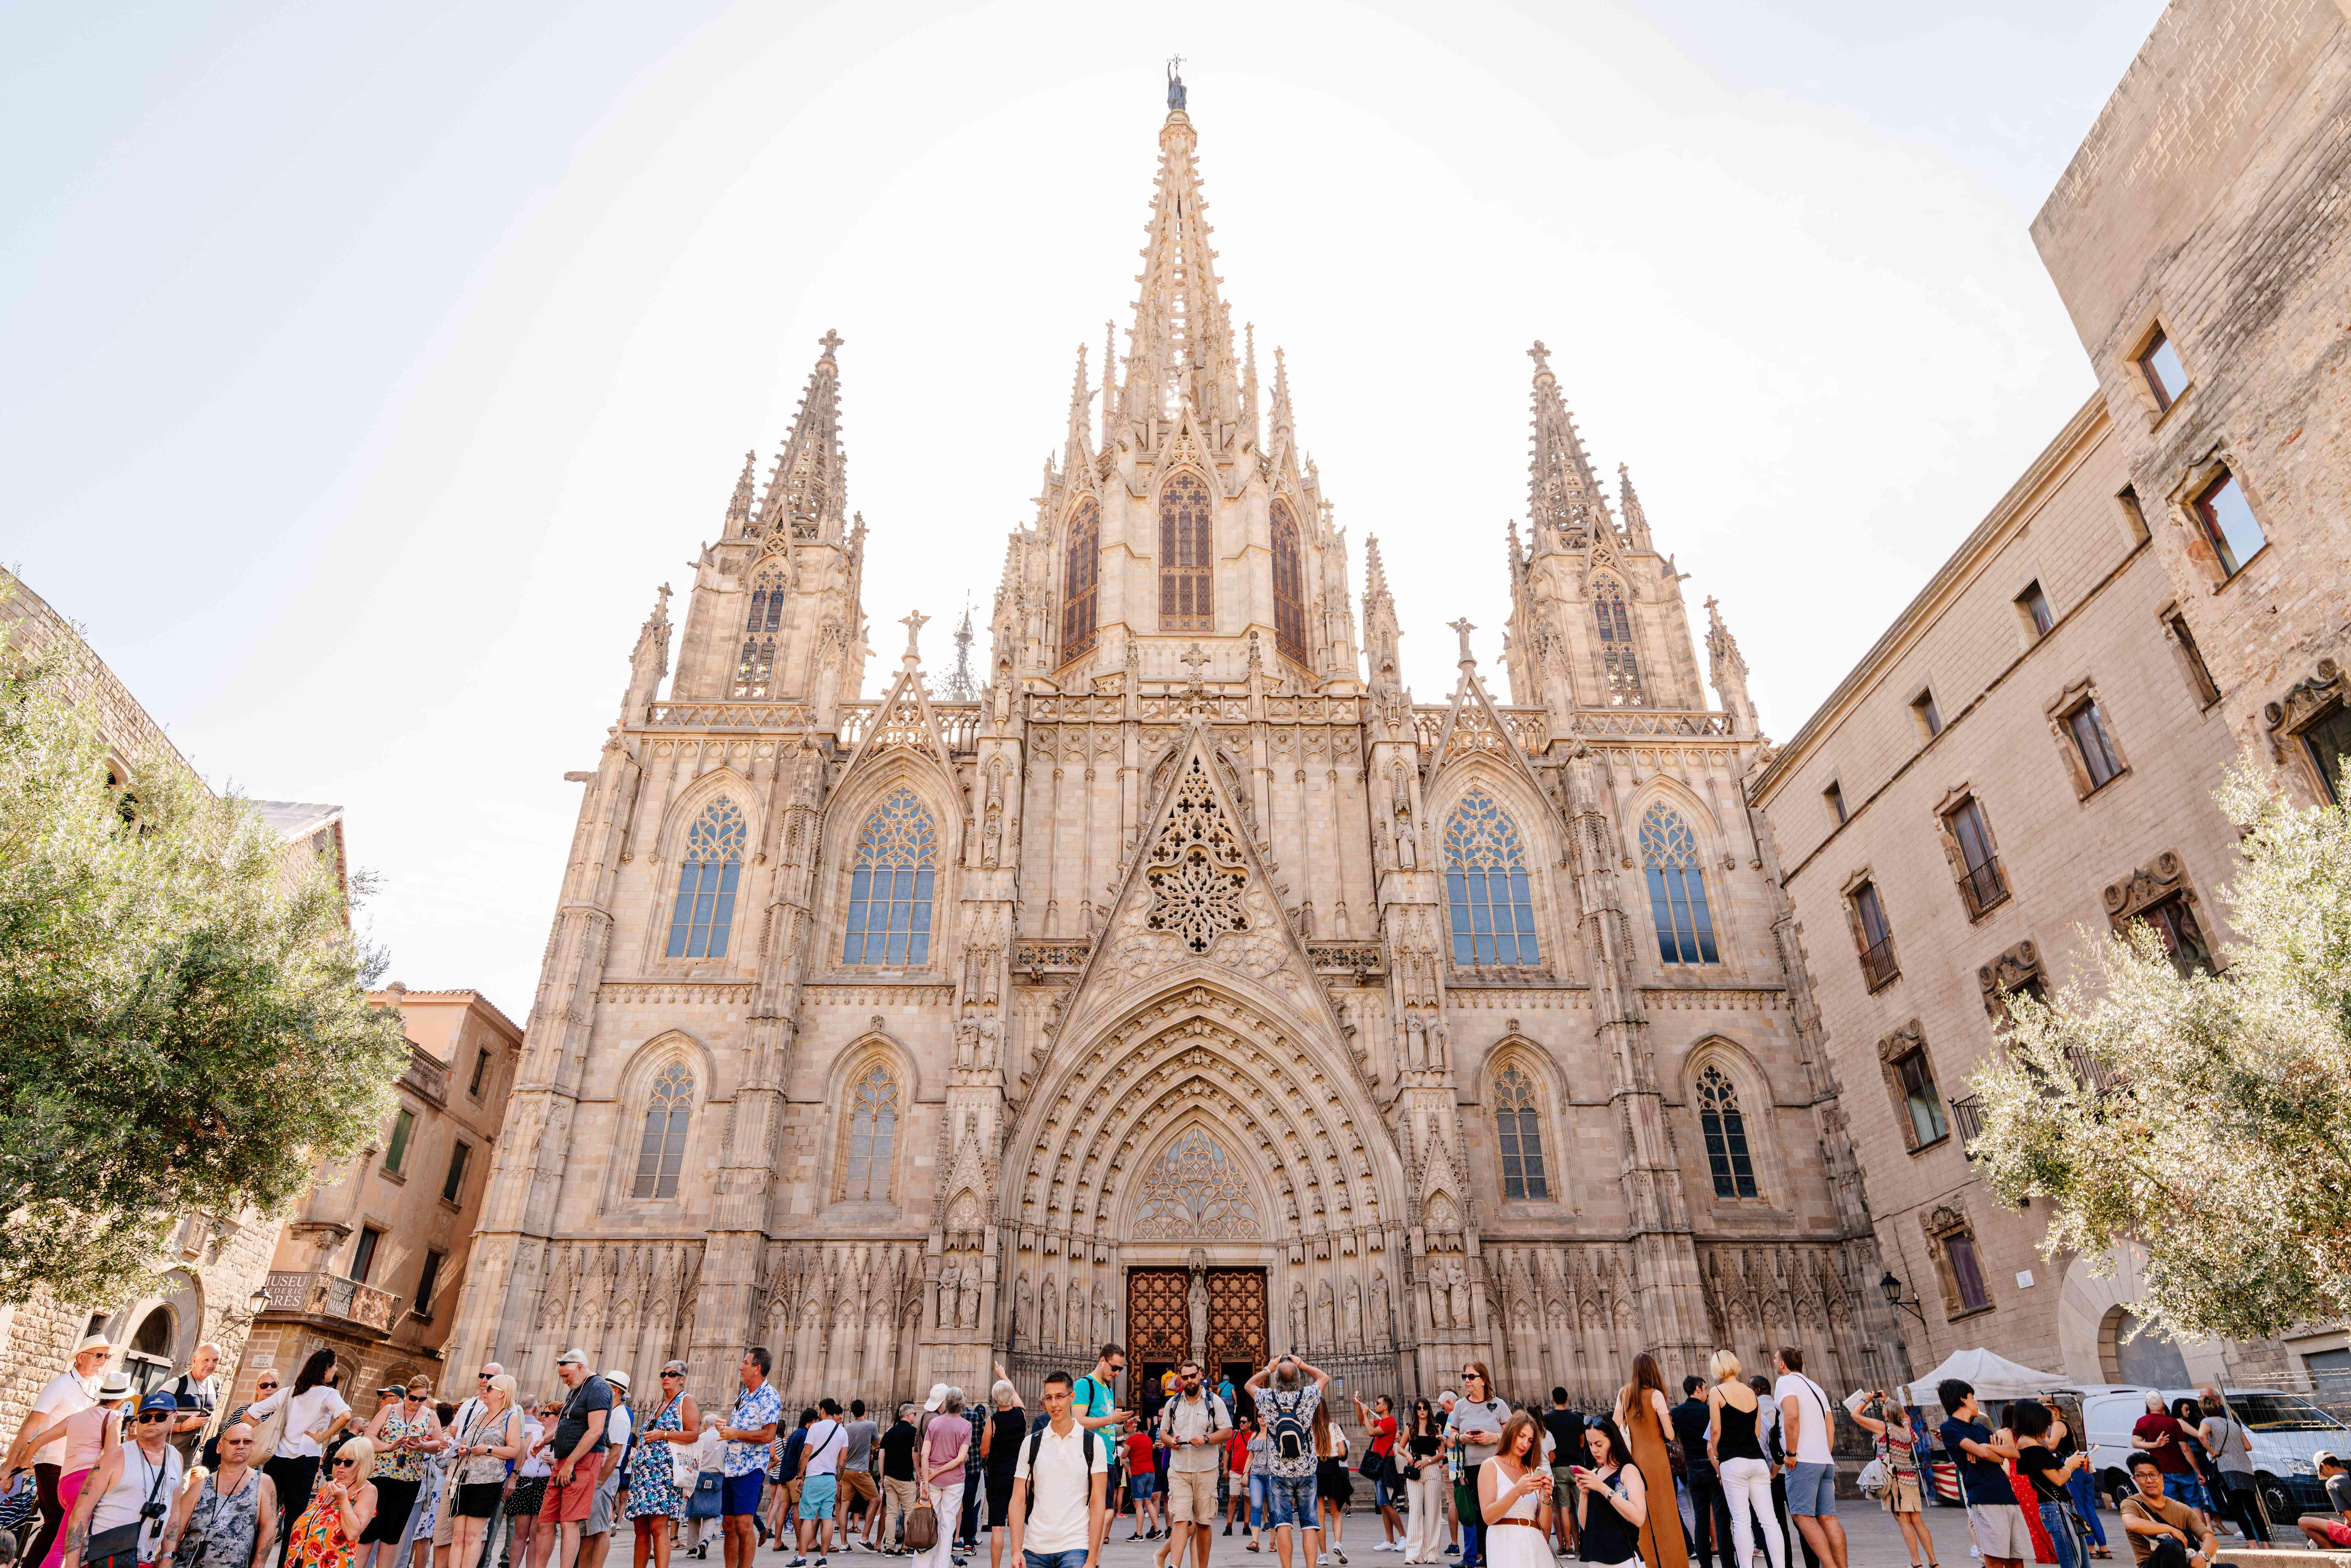 Barcelona, or La Seu, Cathedral exterior